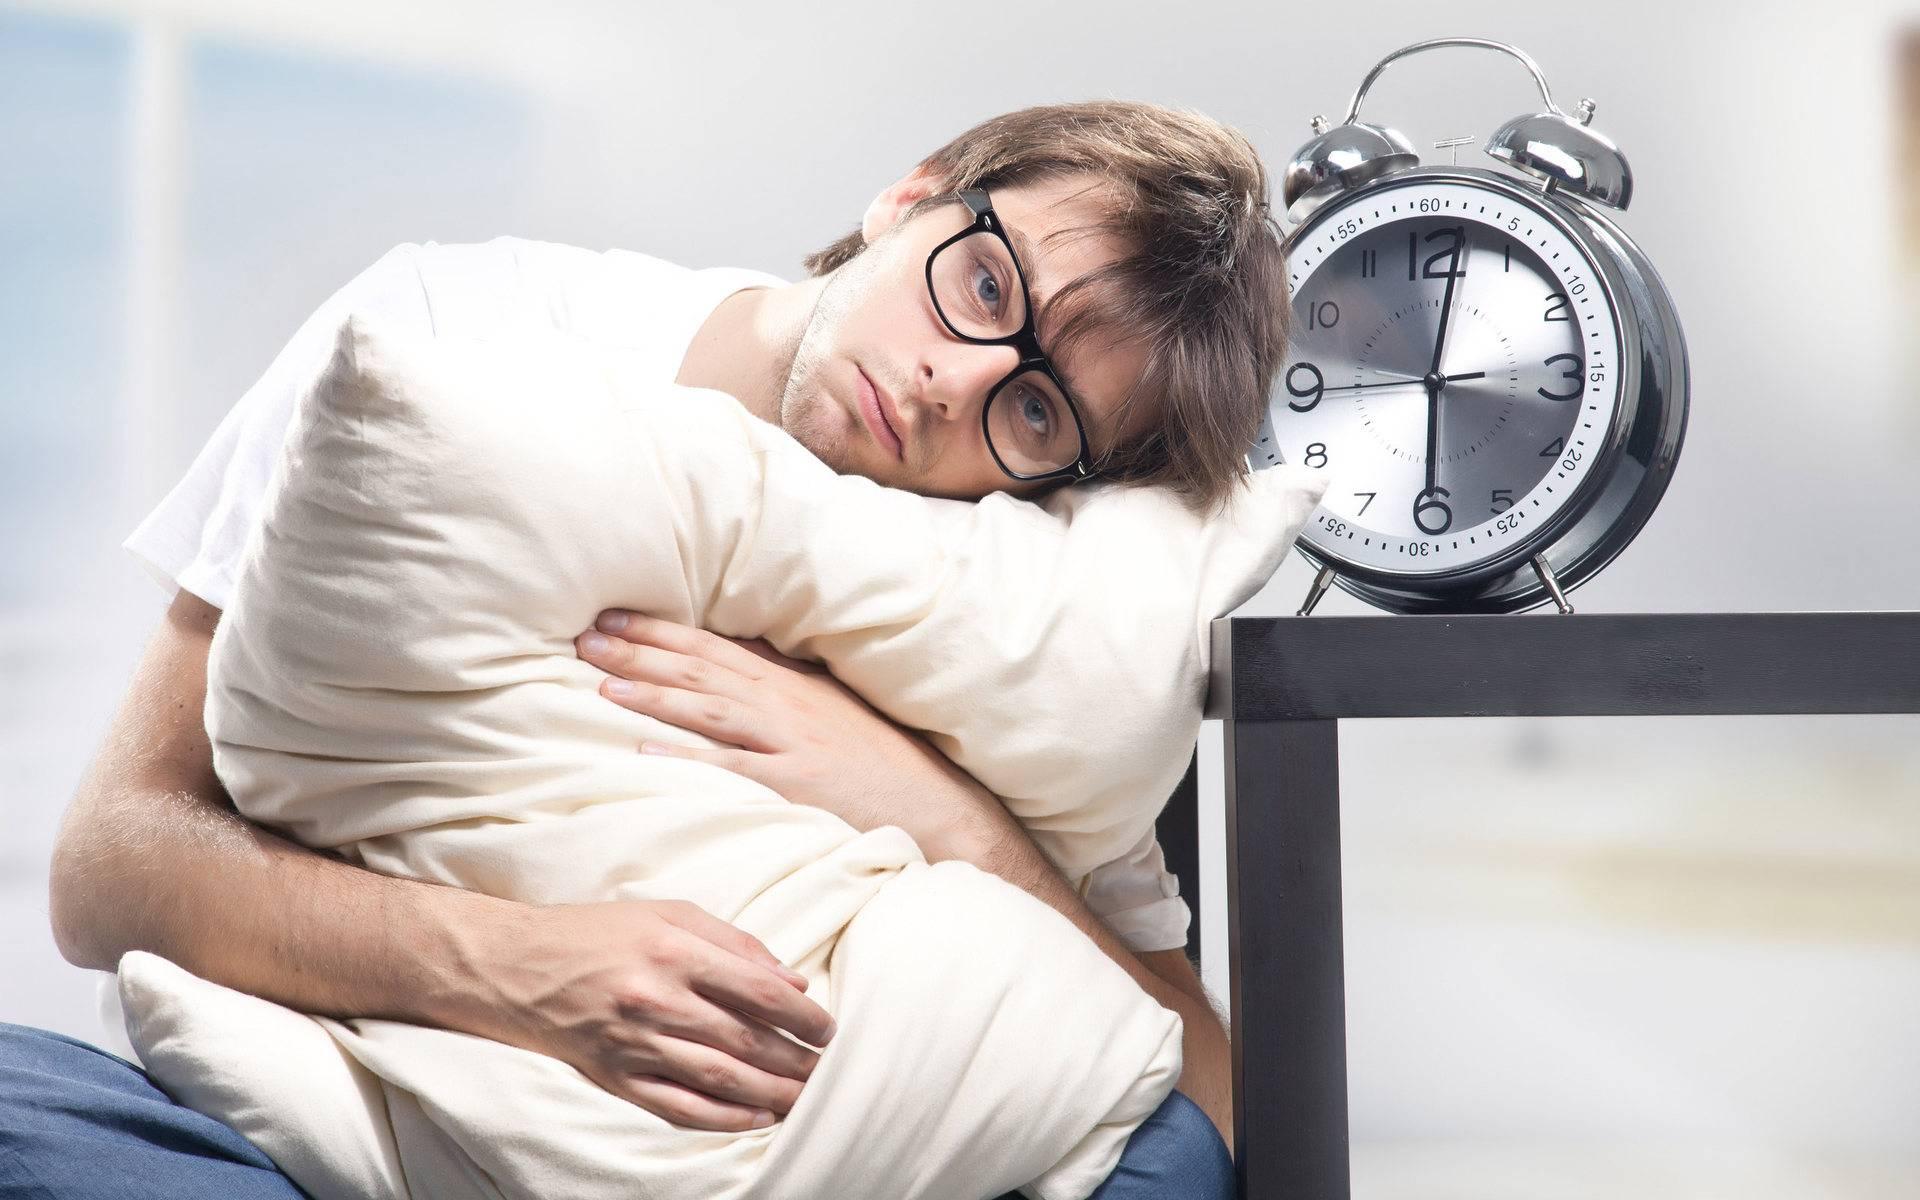 کم خوابی باعث اختلال سوخت و ساز در بدن می شود